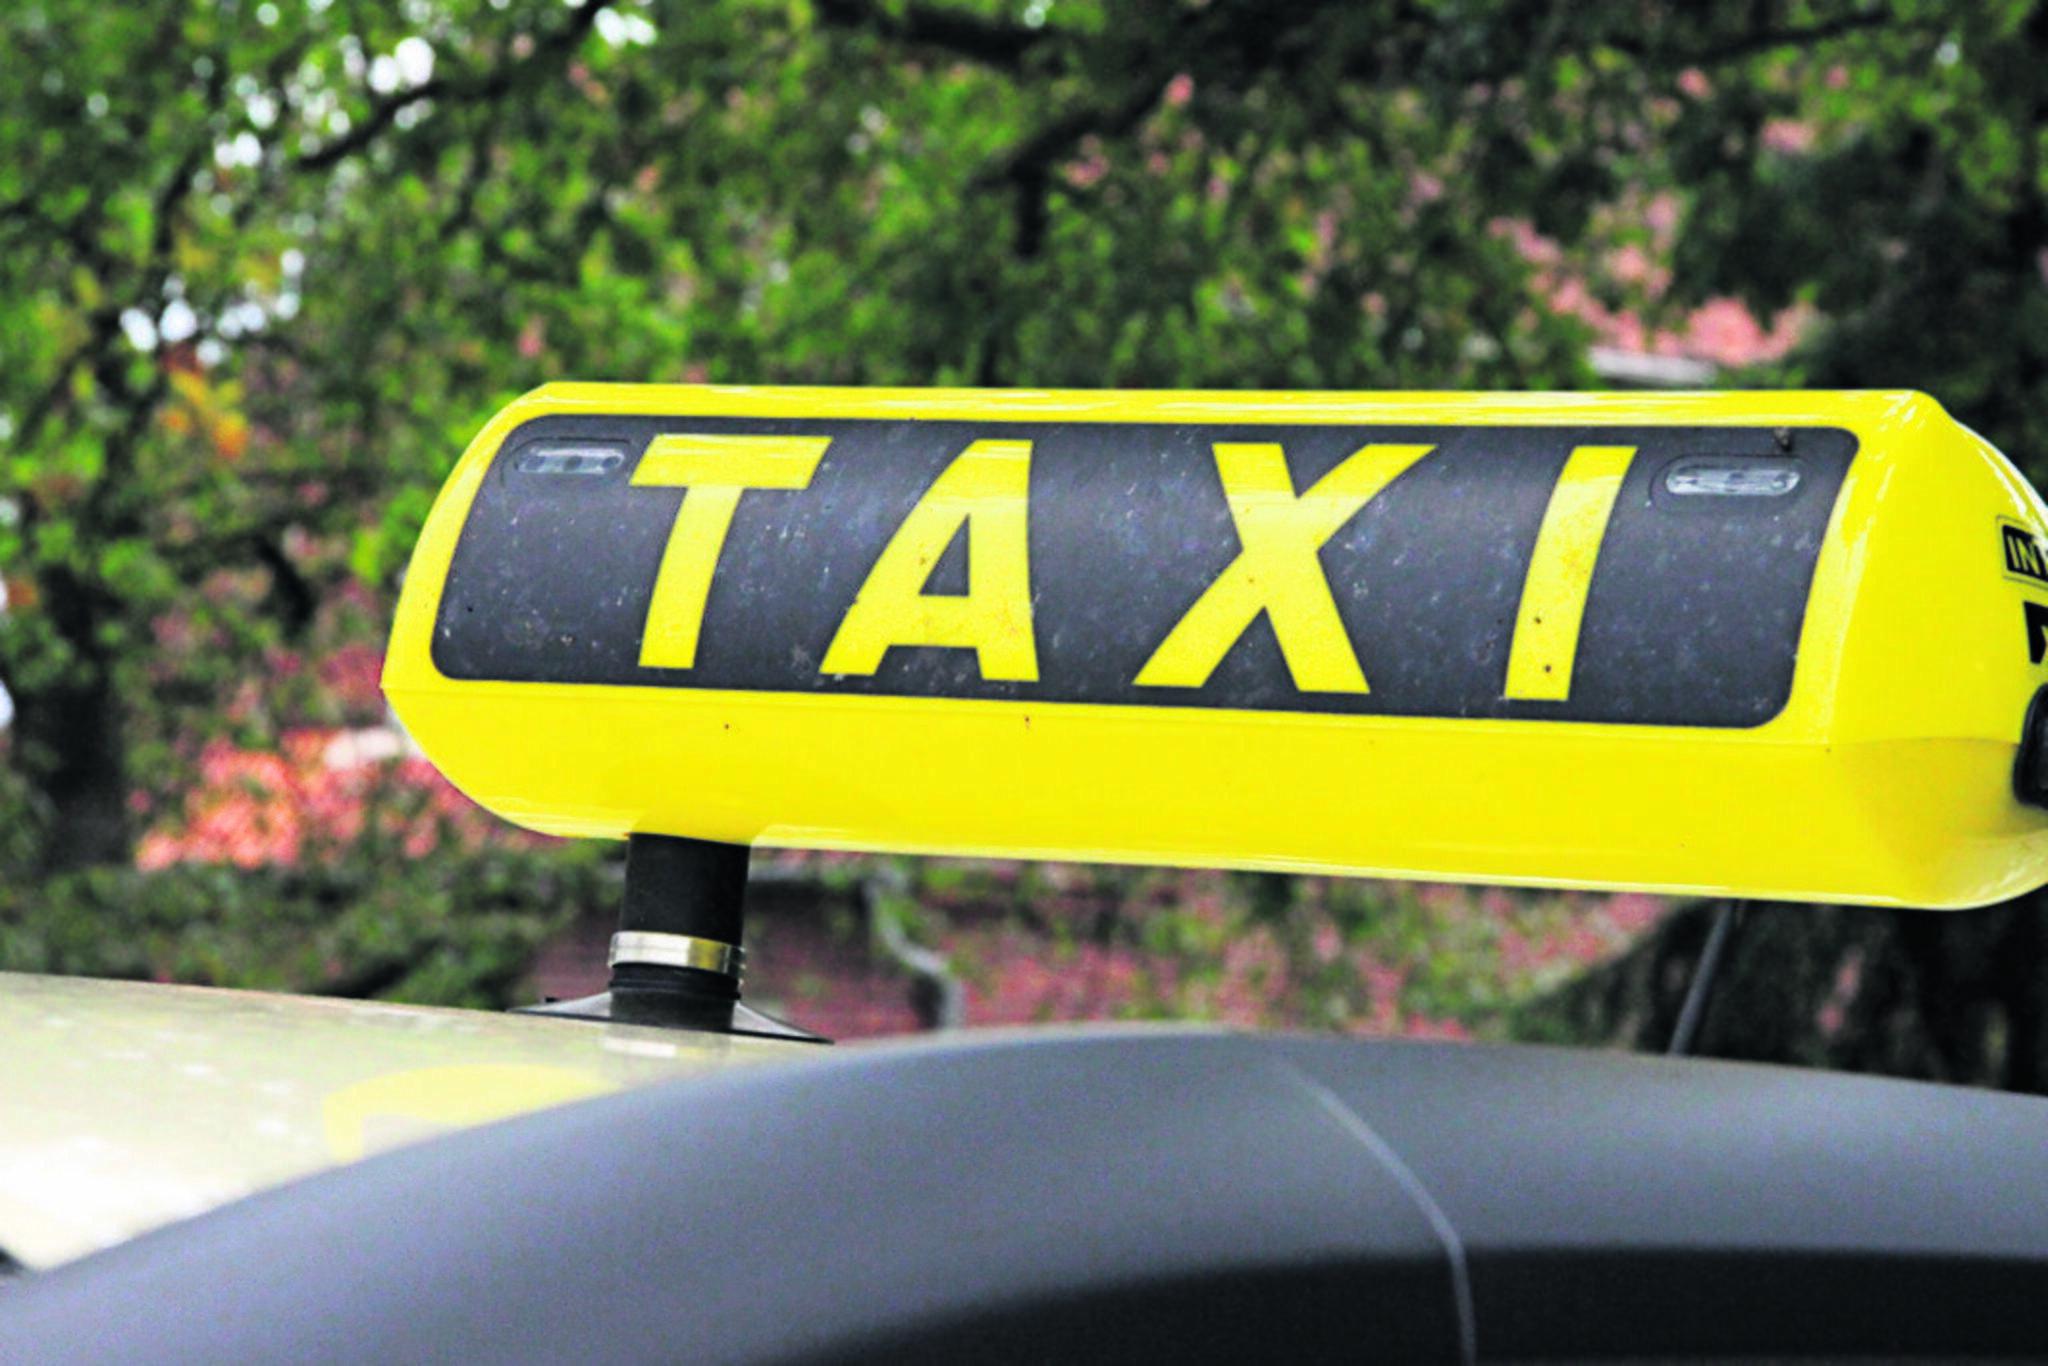 Frau bekam kein Taxi                                                                  Ernst M. musste einsam sterben